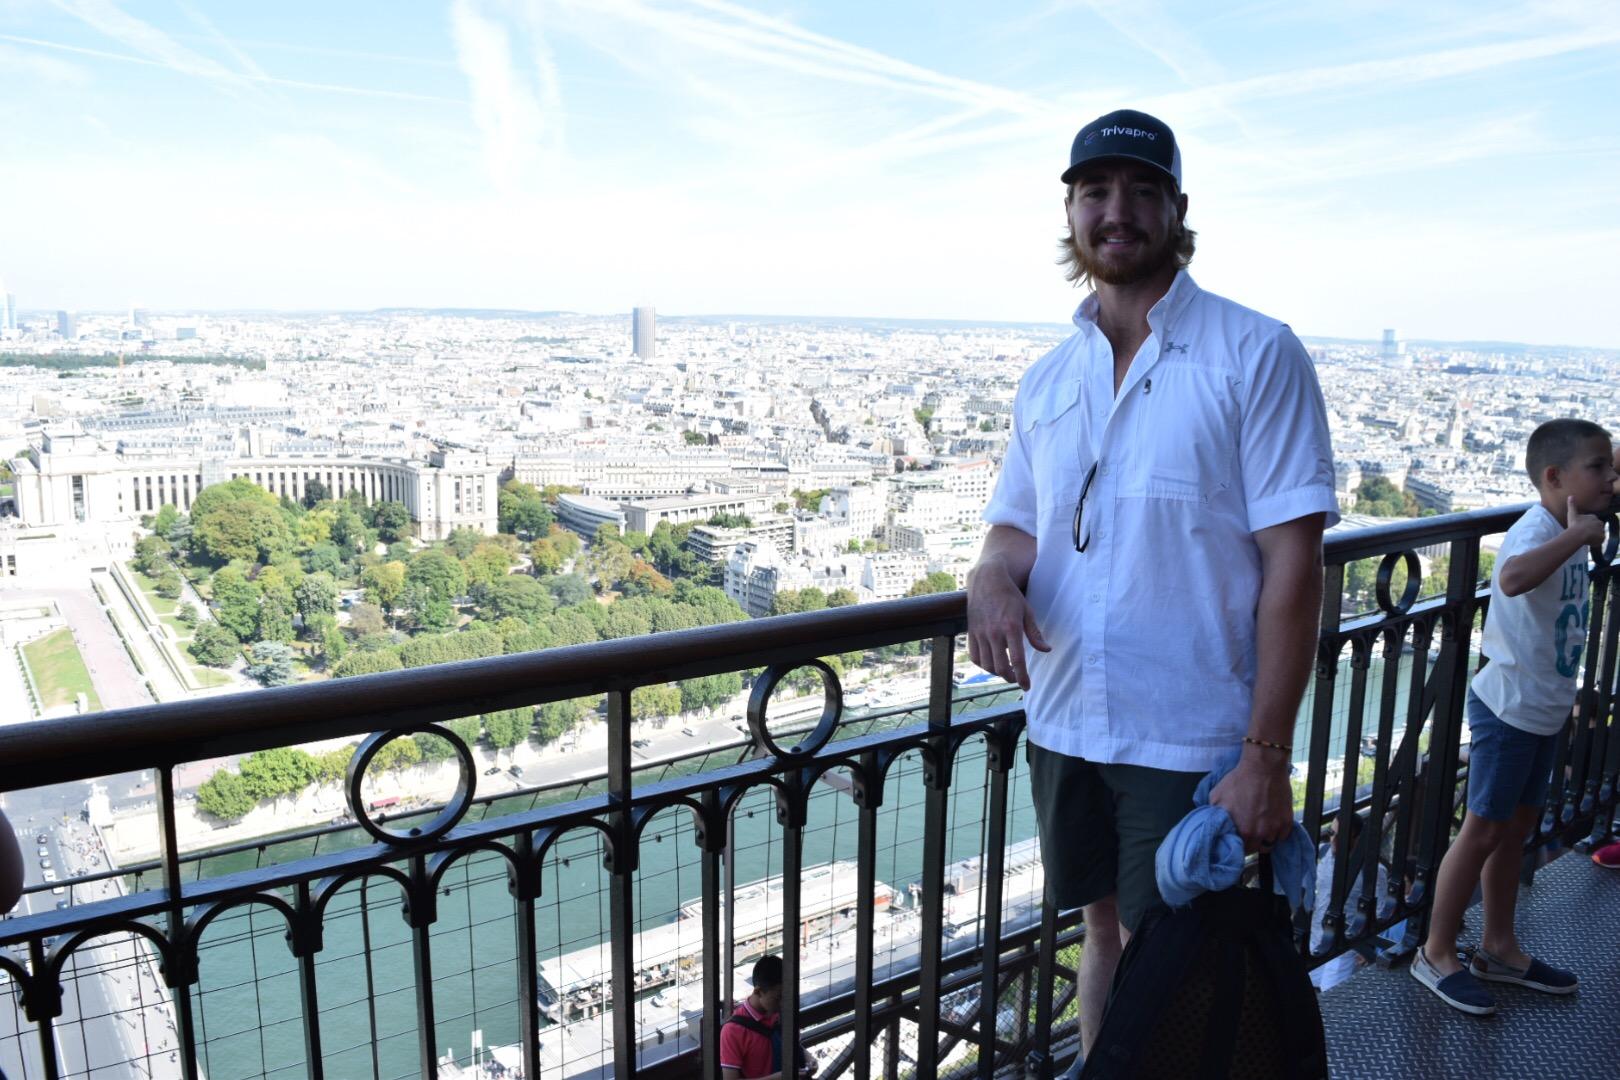 Day 7: Eiffel Tower